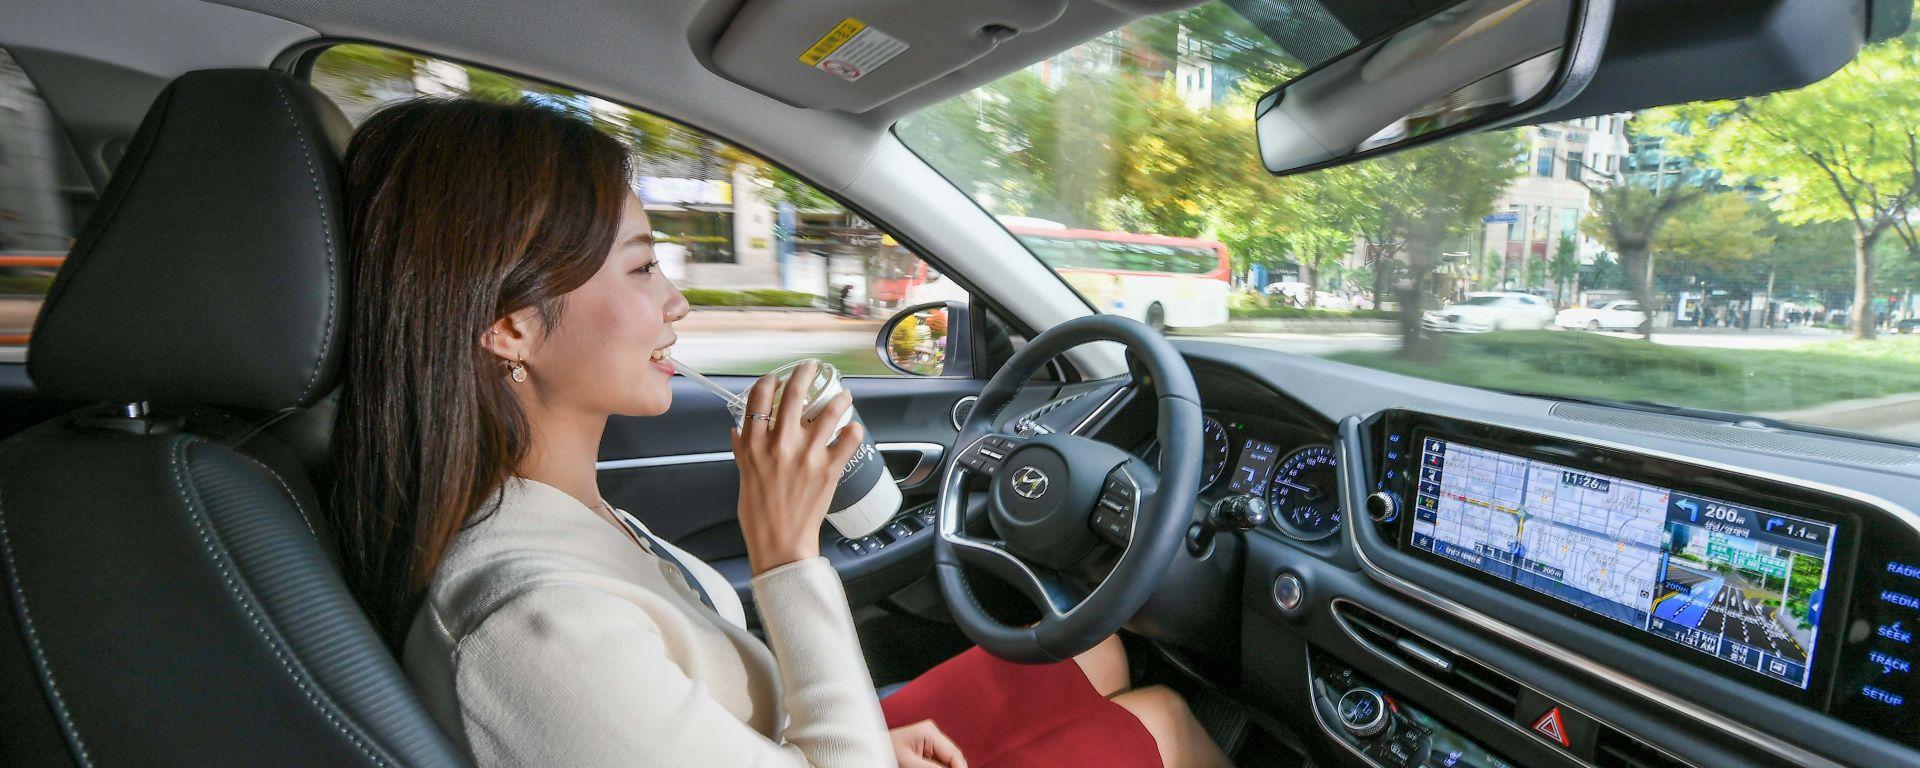 SCC-ML, il nuovo sistema di guida autonoma di Hyundai